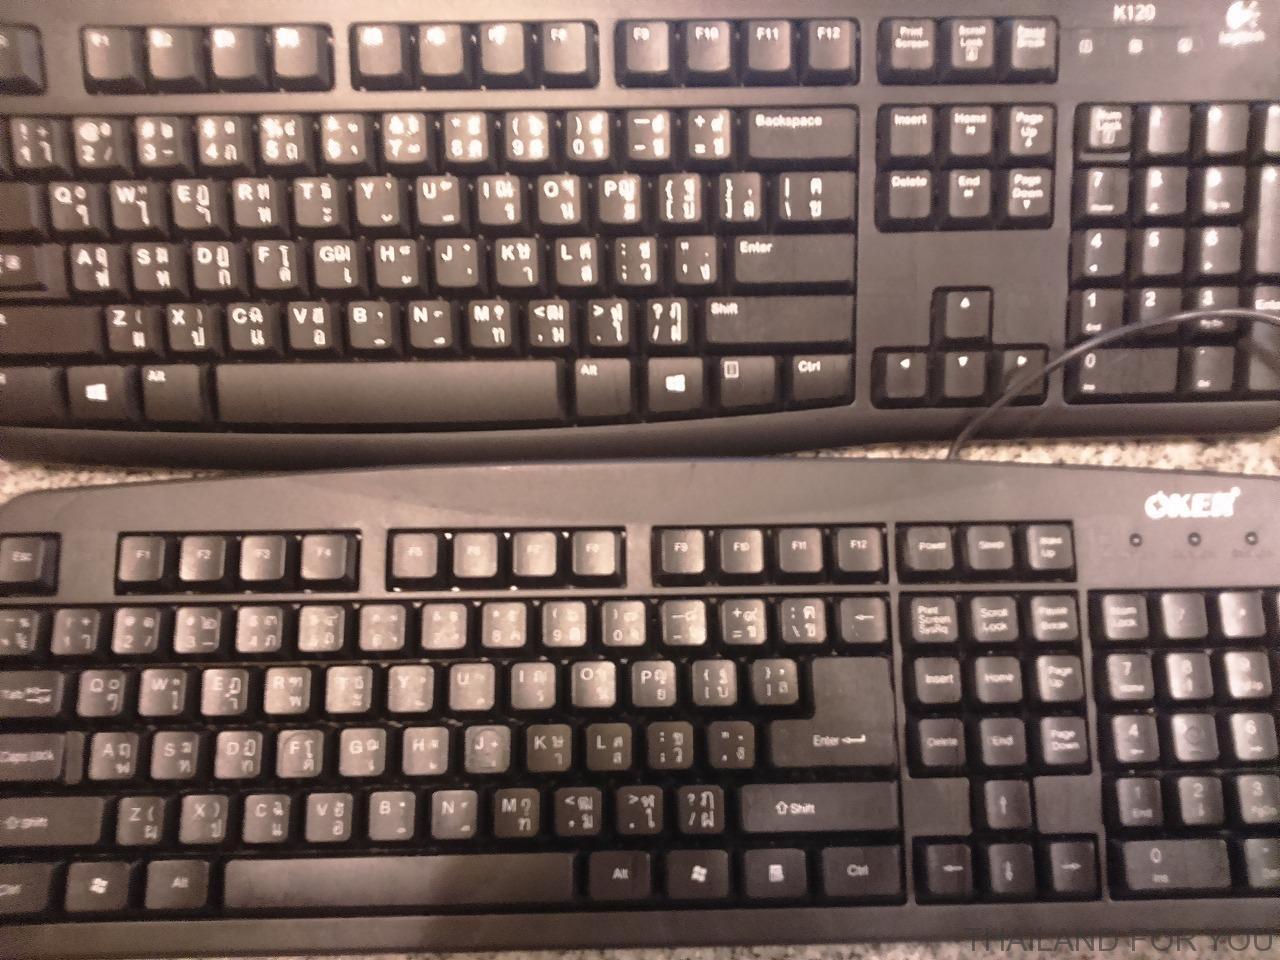 フォーチュンタウンで購入したキーボード